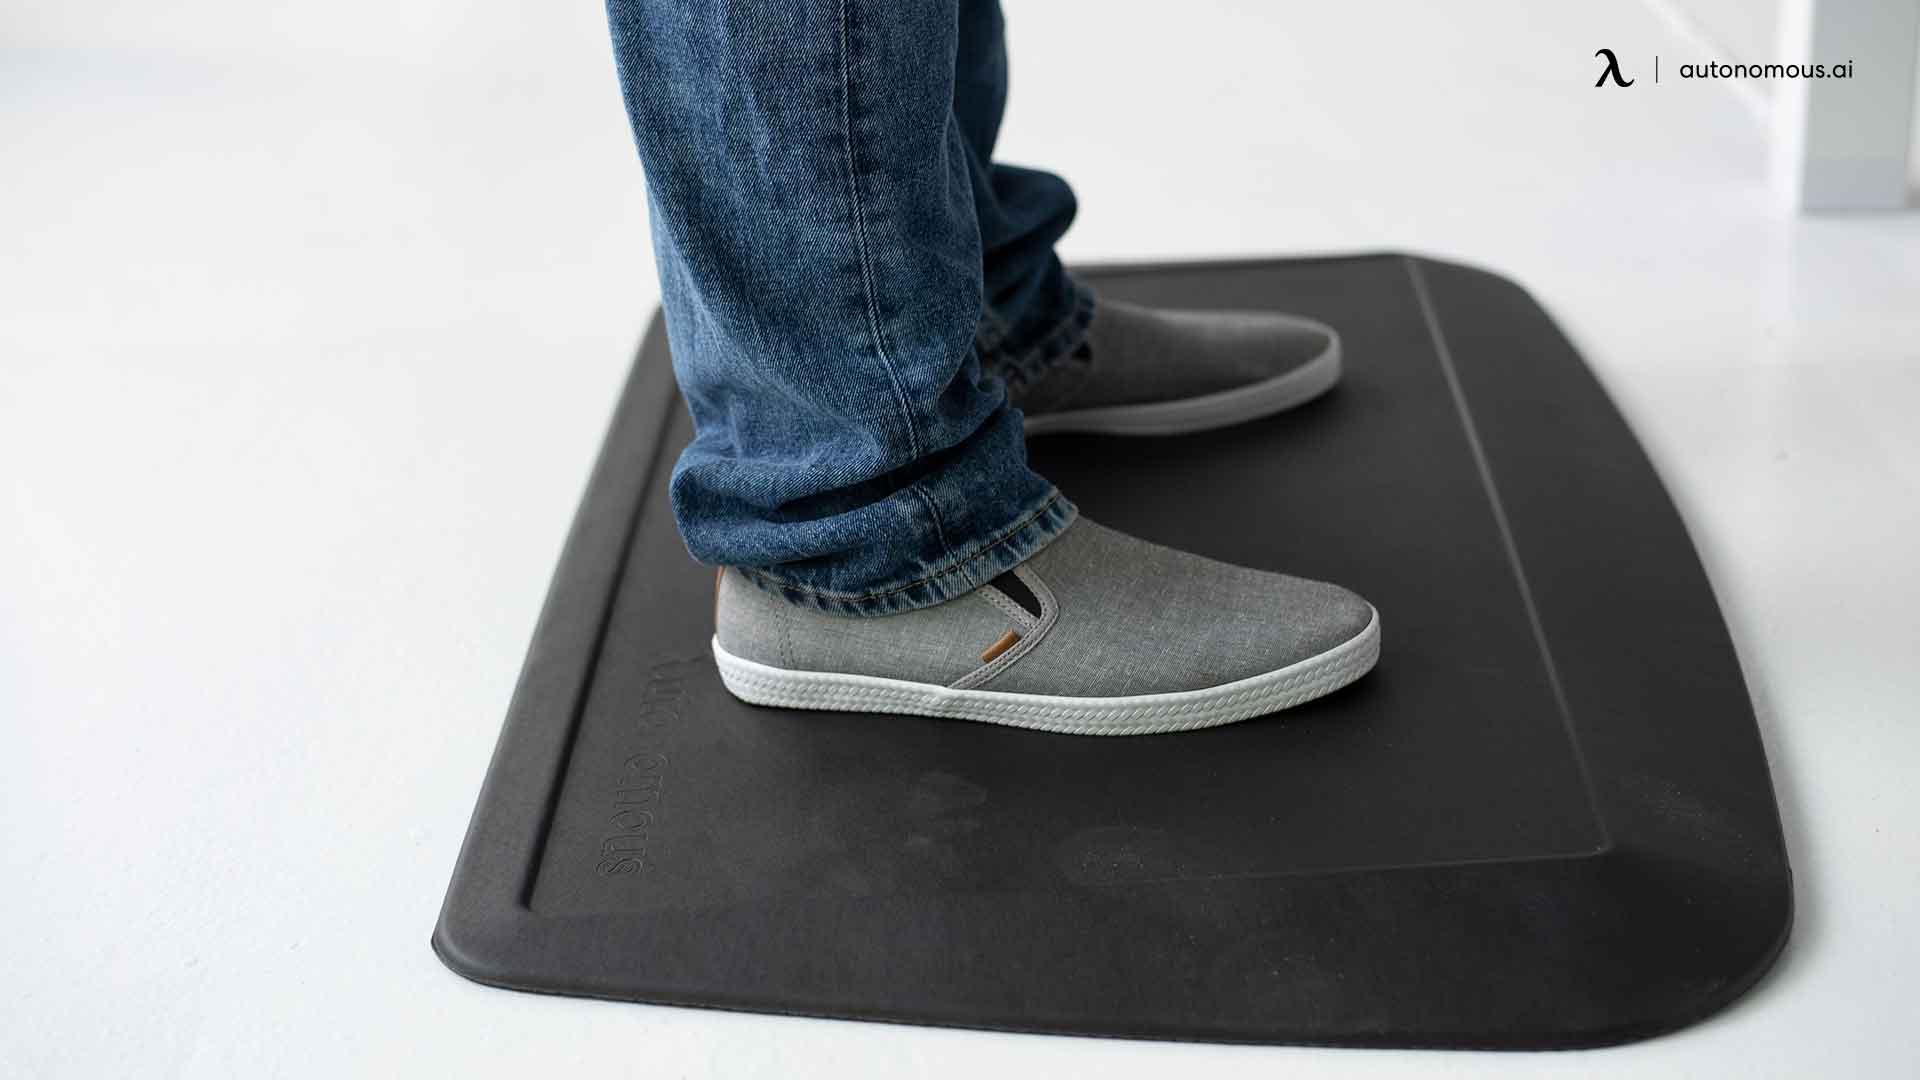 Anit-fatigue mat Autonomous